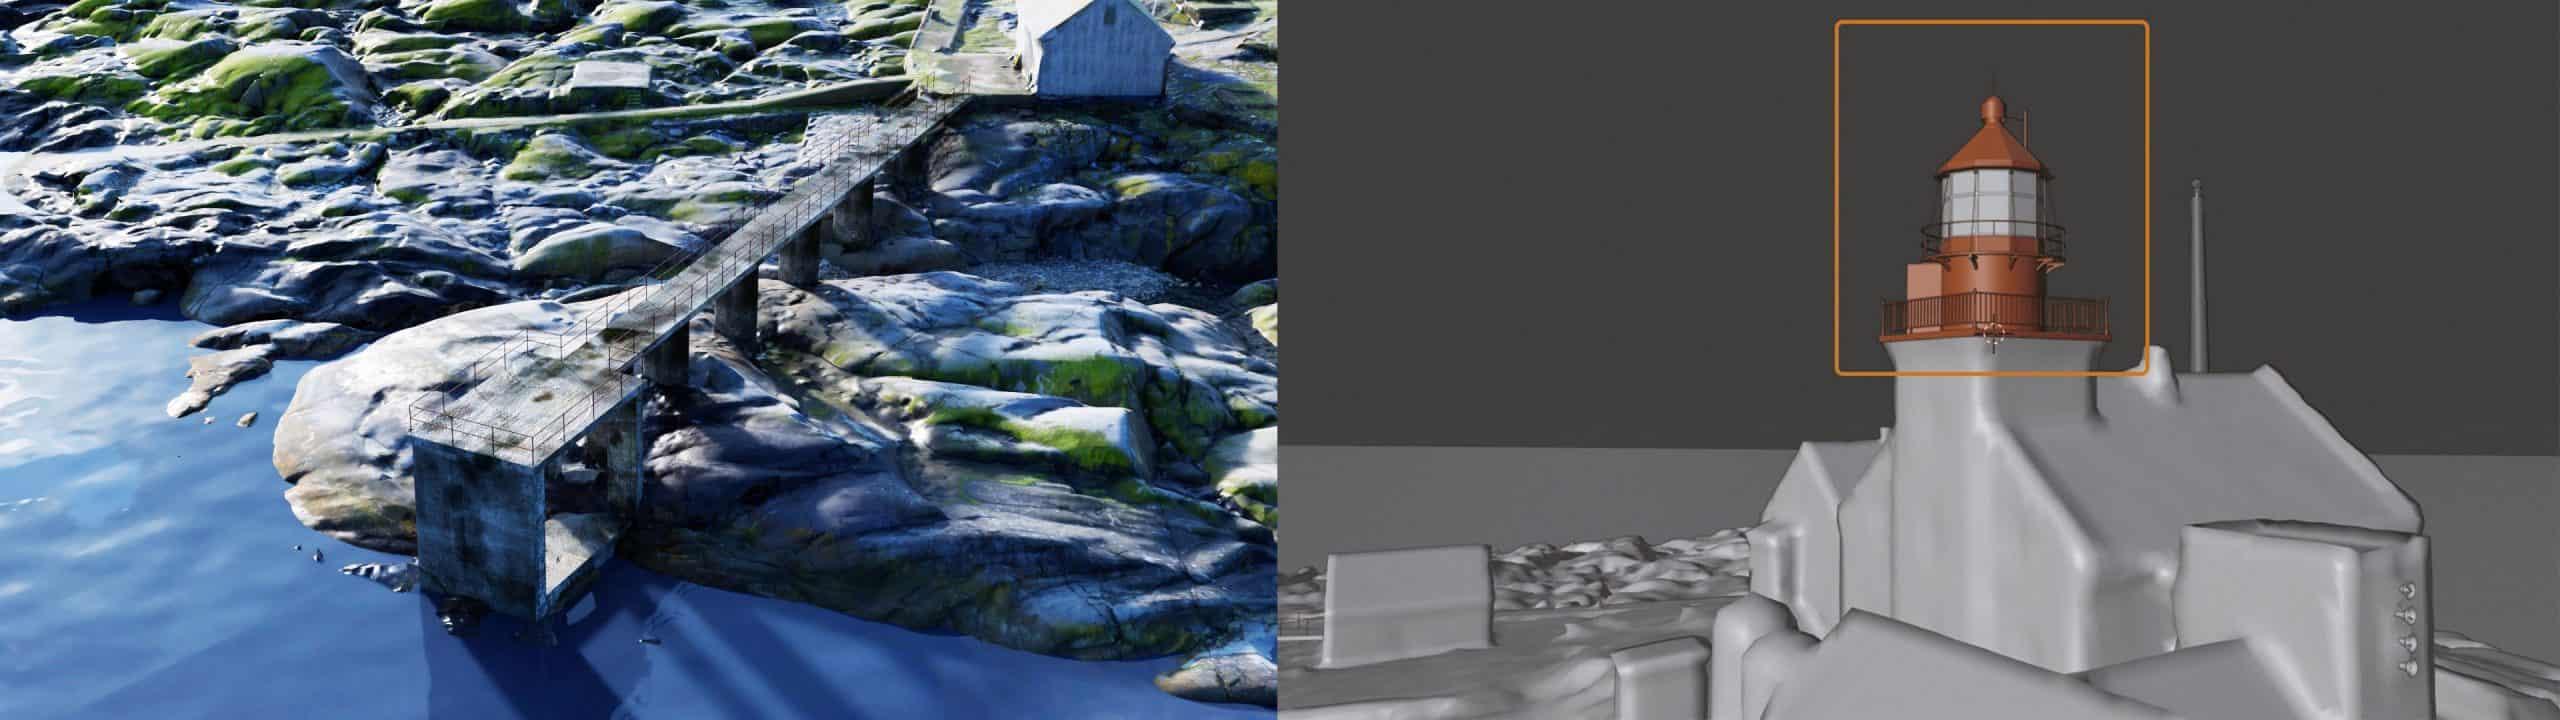 aplicaciones de la fotogrametría - 6